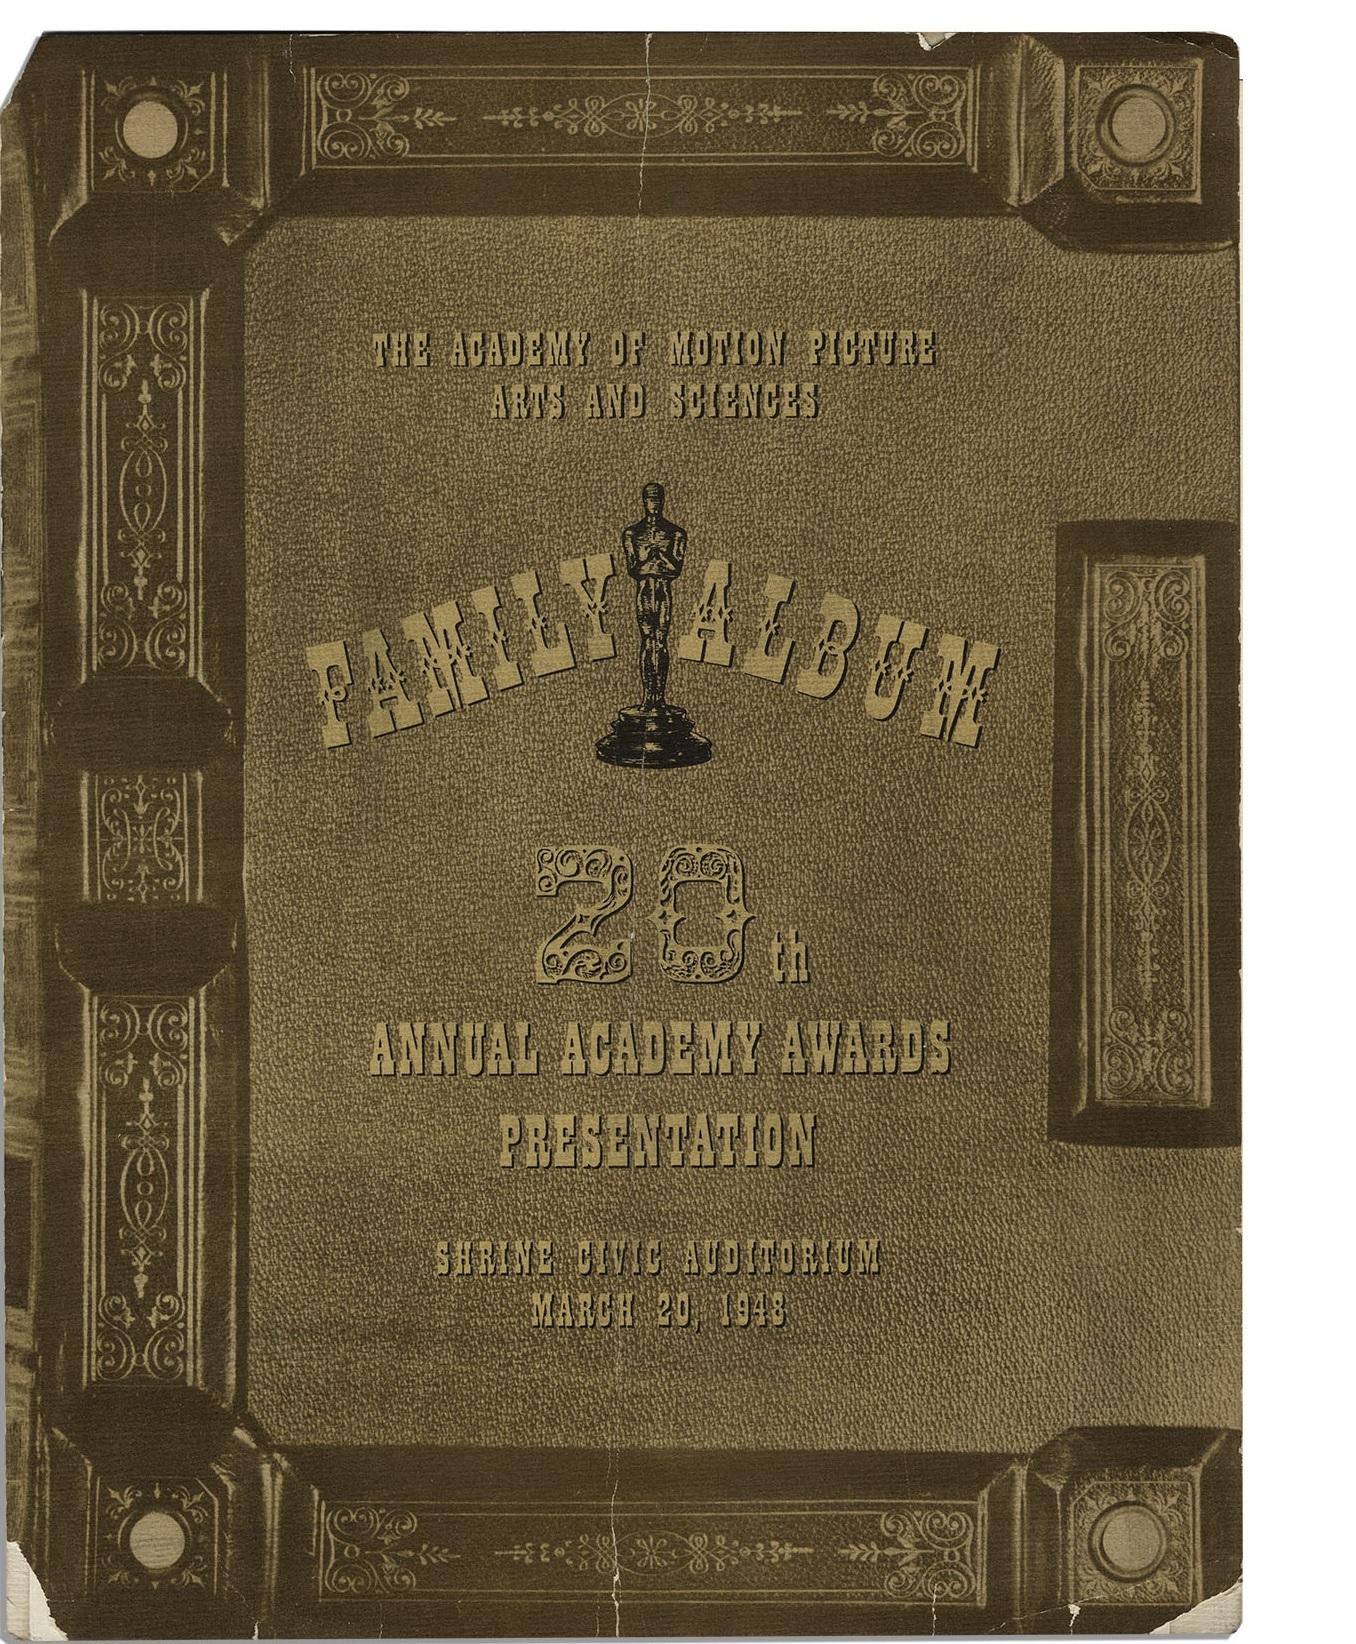 Cartel de de los Oscars 1948